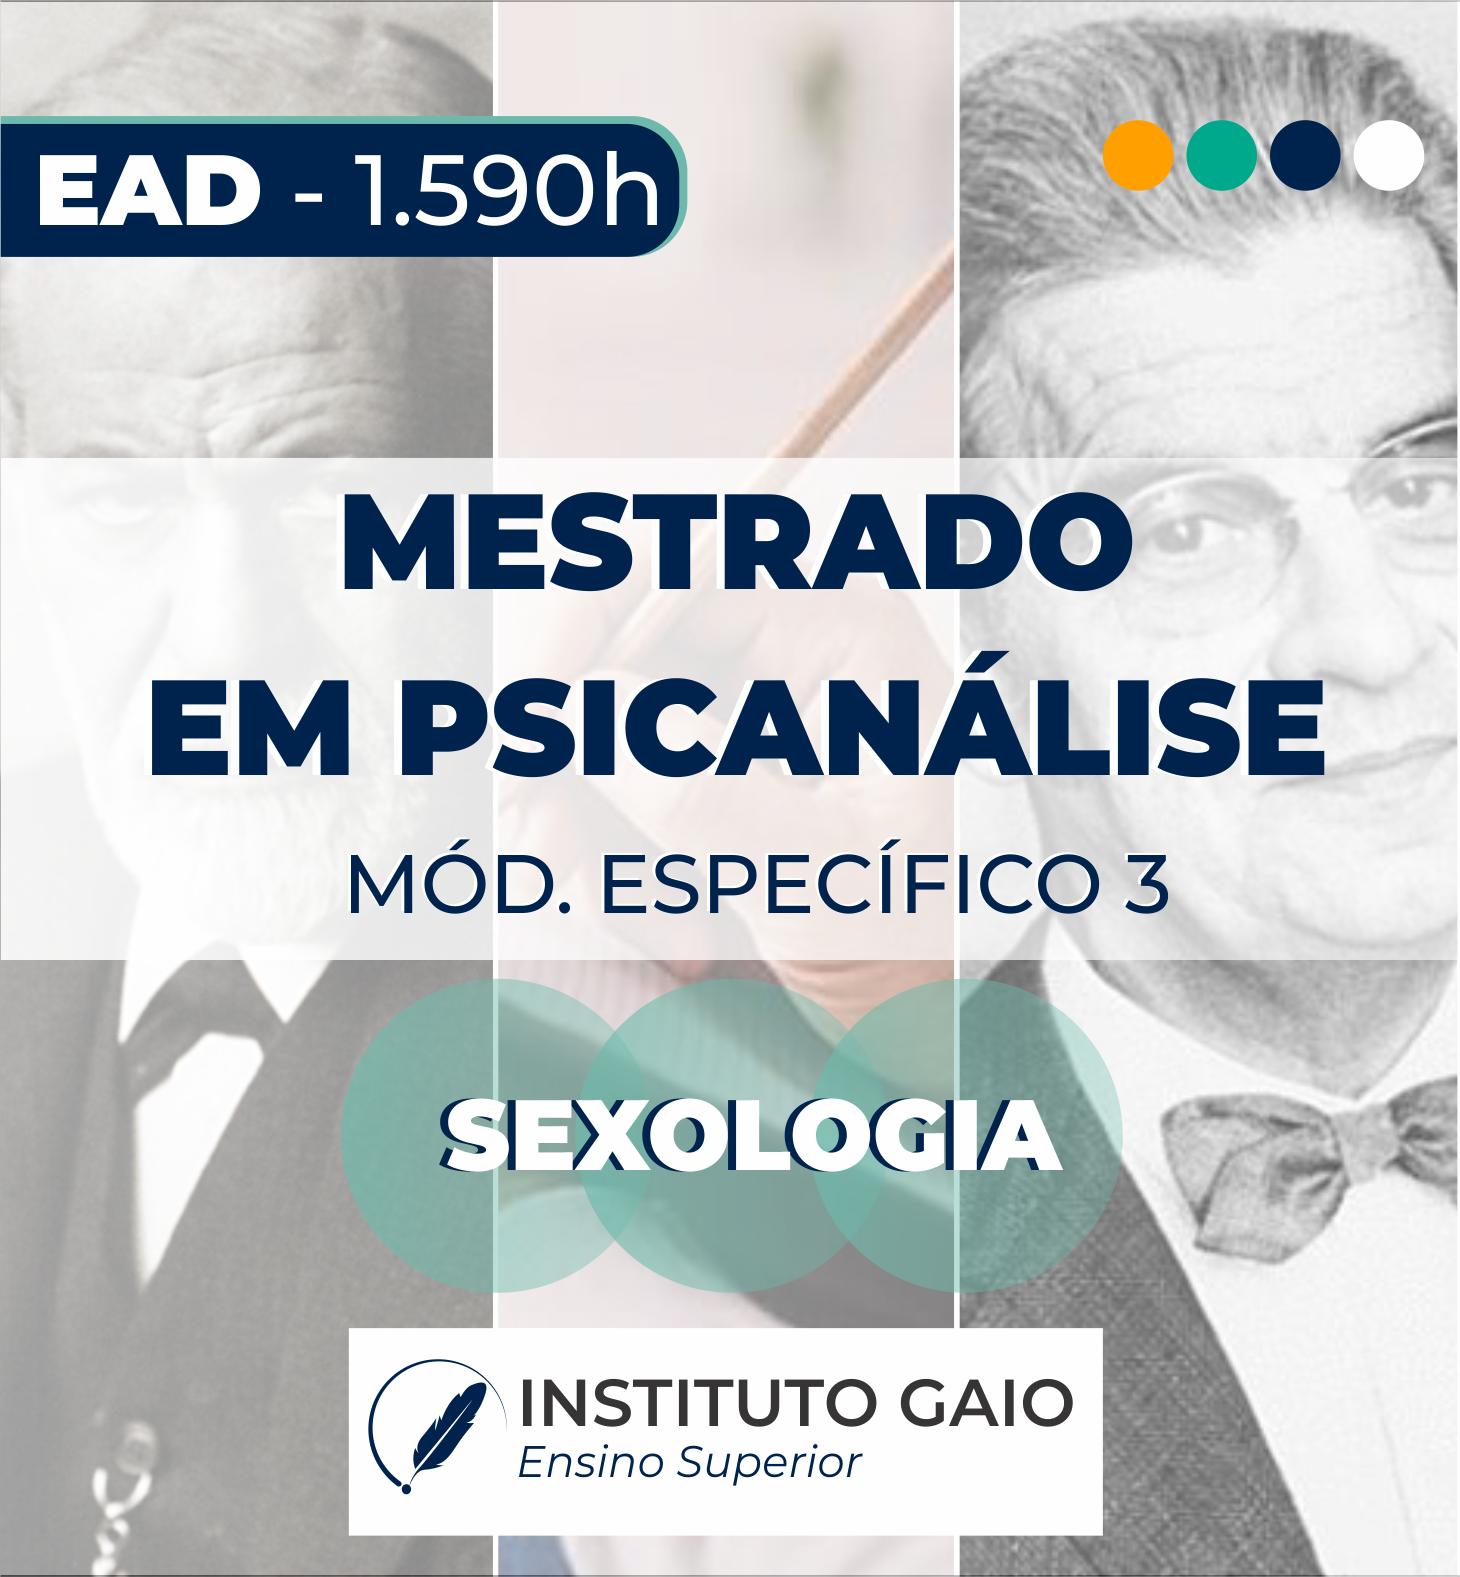 MESTRADO EM PSICANÁLISE – EAD – ESPECÍFICA 3 – SEXOLOGIA –  1.590h